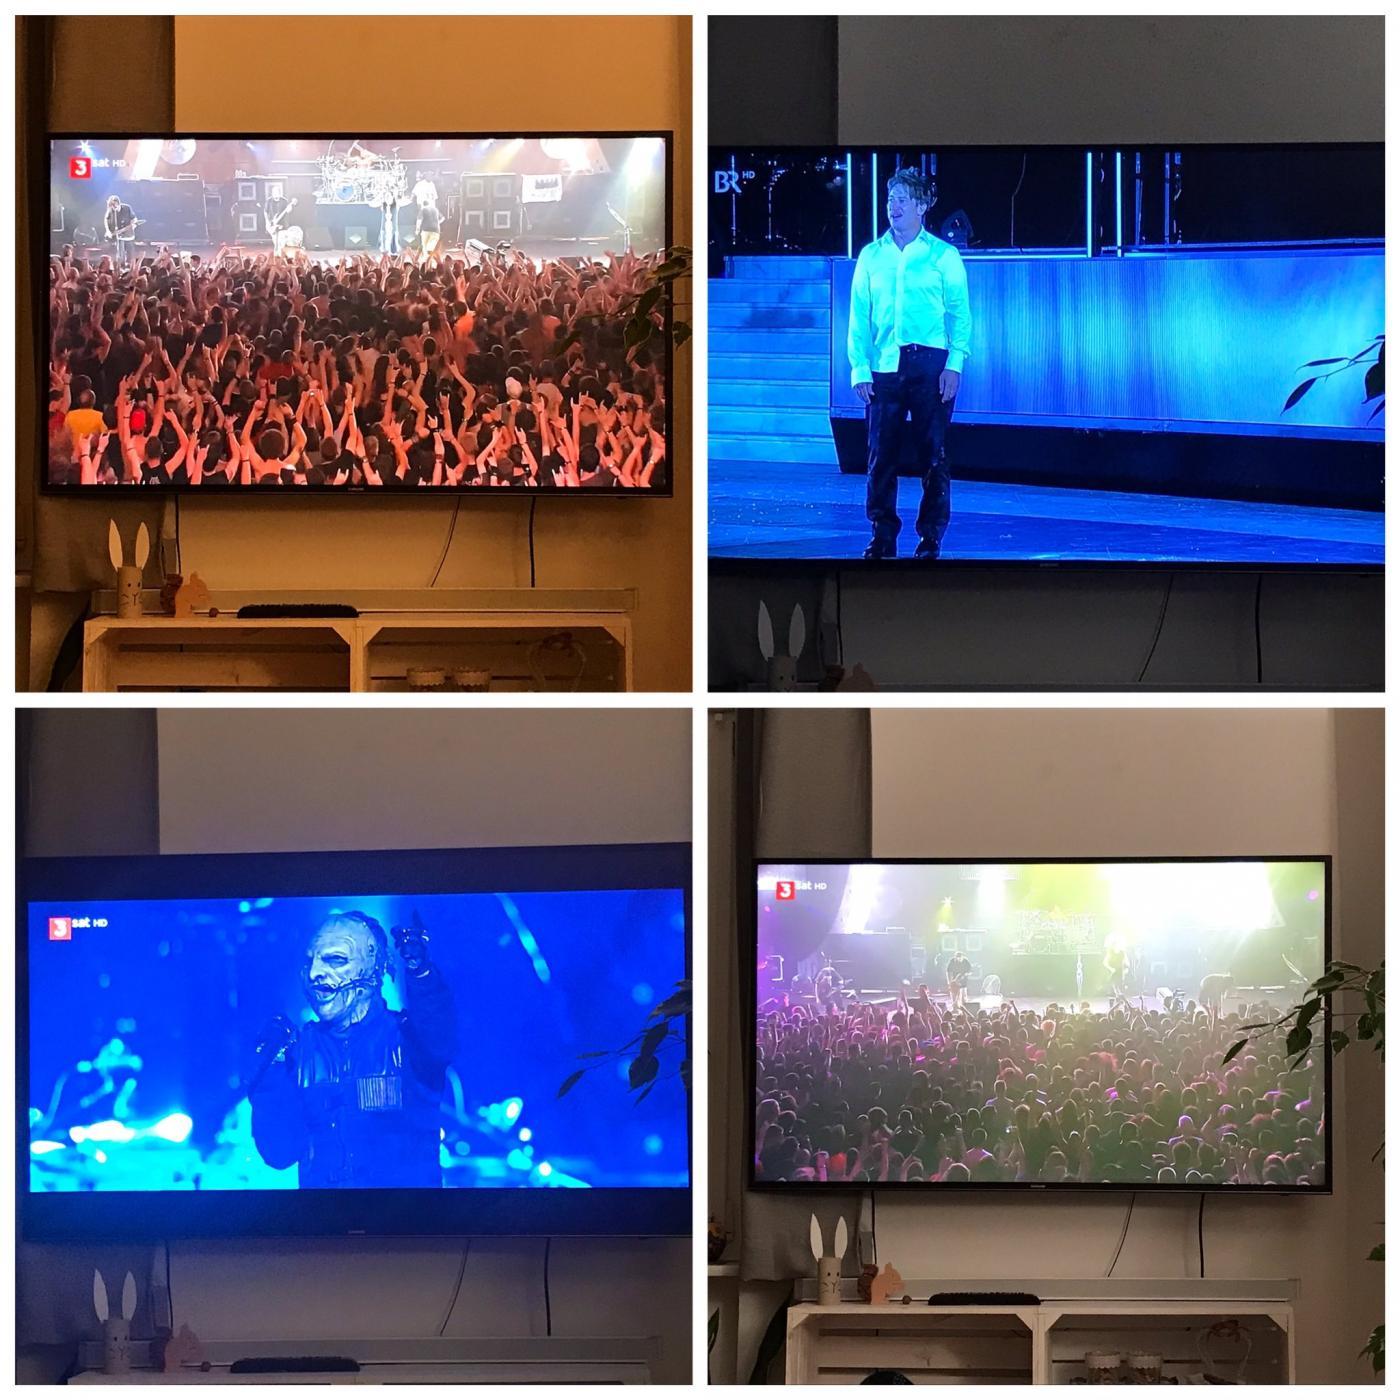 Kultur-Kontraste im TV: 100 Jahre Salzburger Festspiele bis Montreux Jazz Festival #Jedermann #Korn #Slipknot